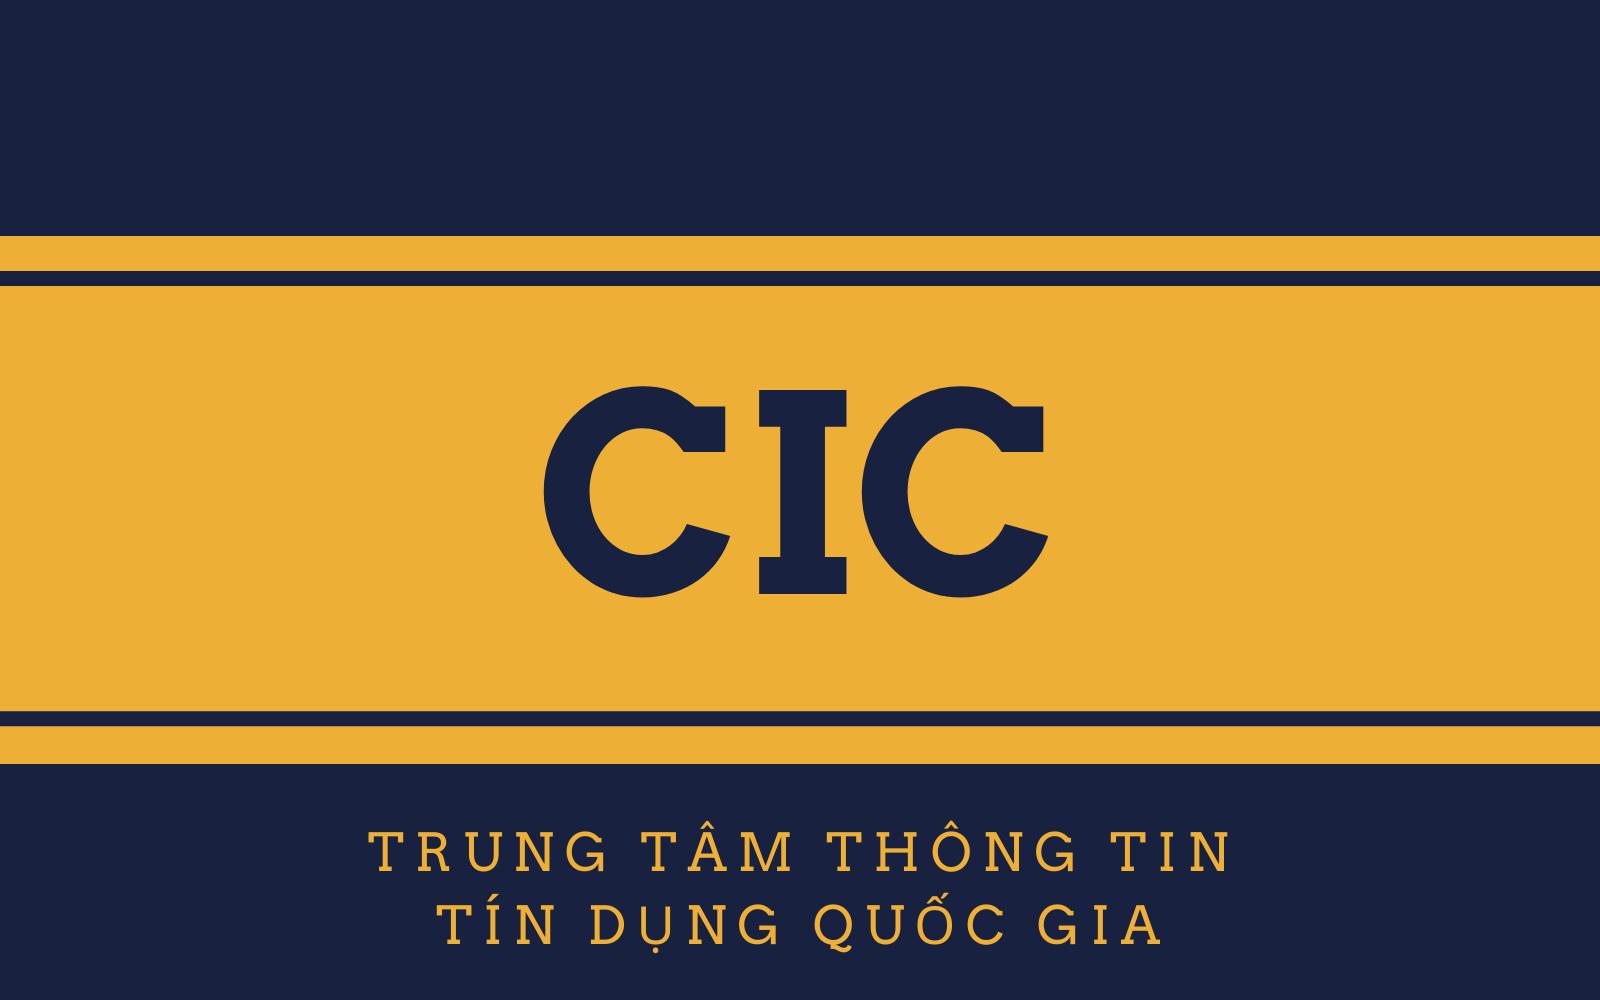 cic 15727807217861322008487